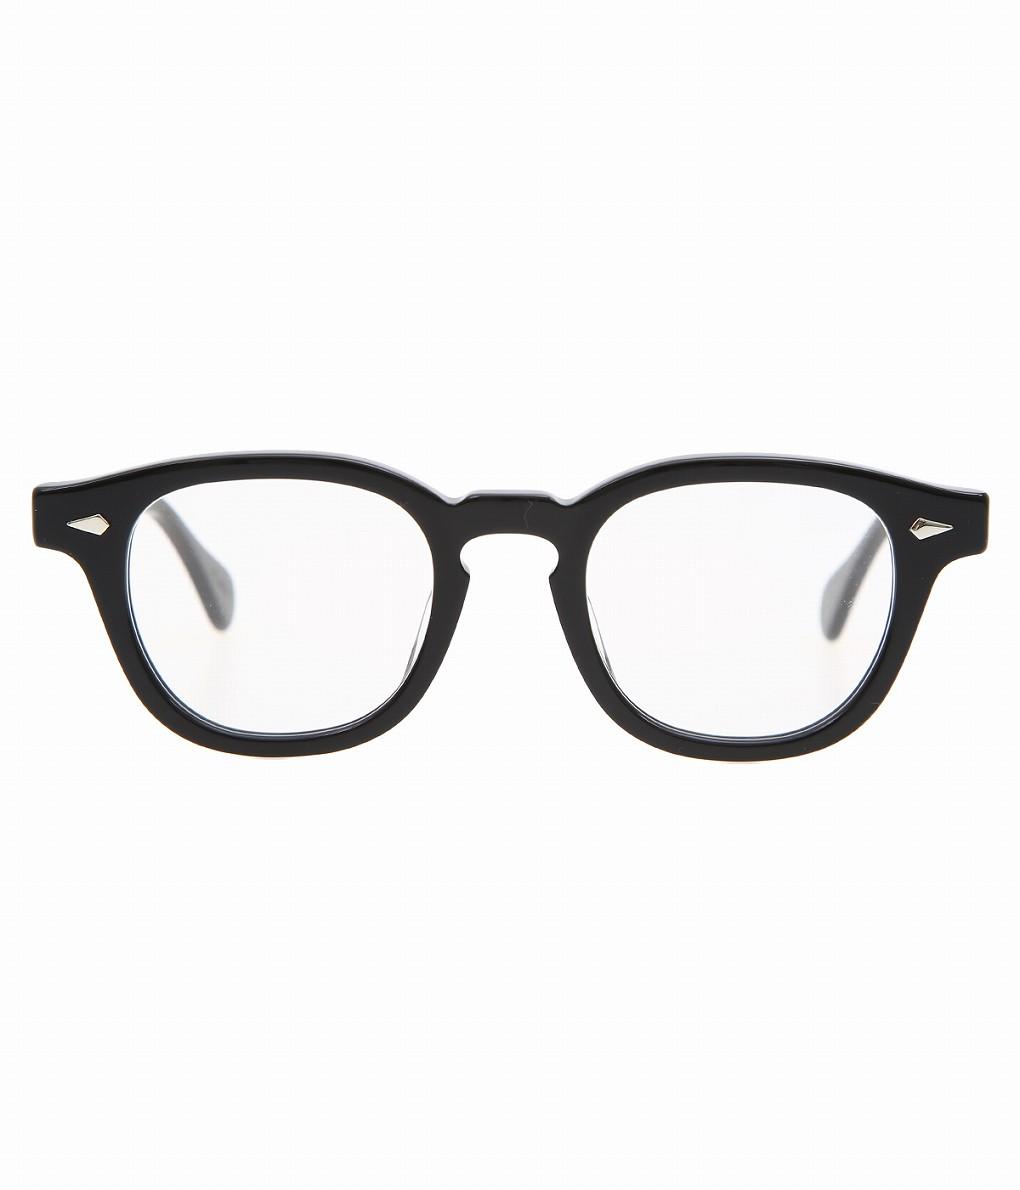 JULIUS TART OPTICAL / ジュリアスタートオプティカル : AR 46-22 - BLACK / CLEAR - : メガネ 眼鏡 アイウェア メンズ レディース : JTPL-002A 【COR】